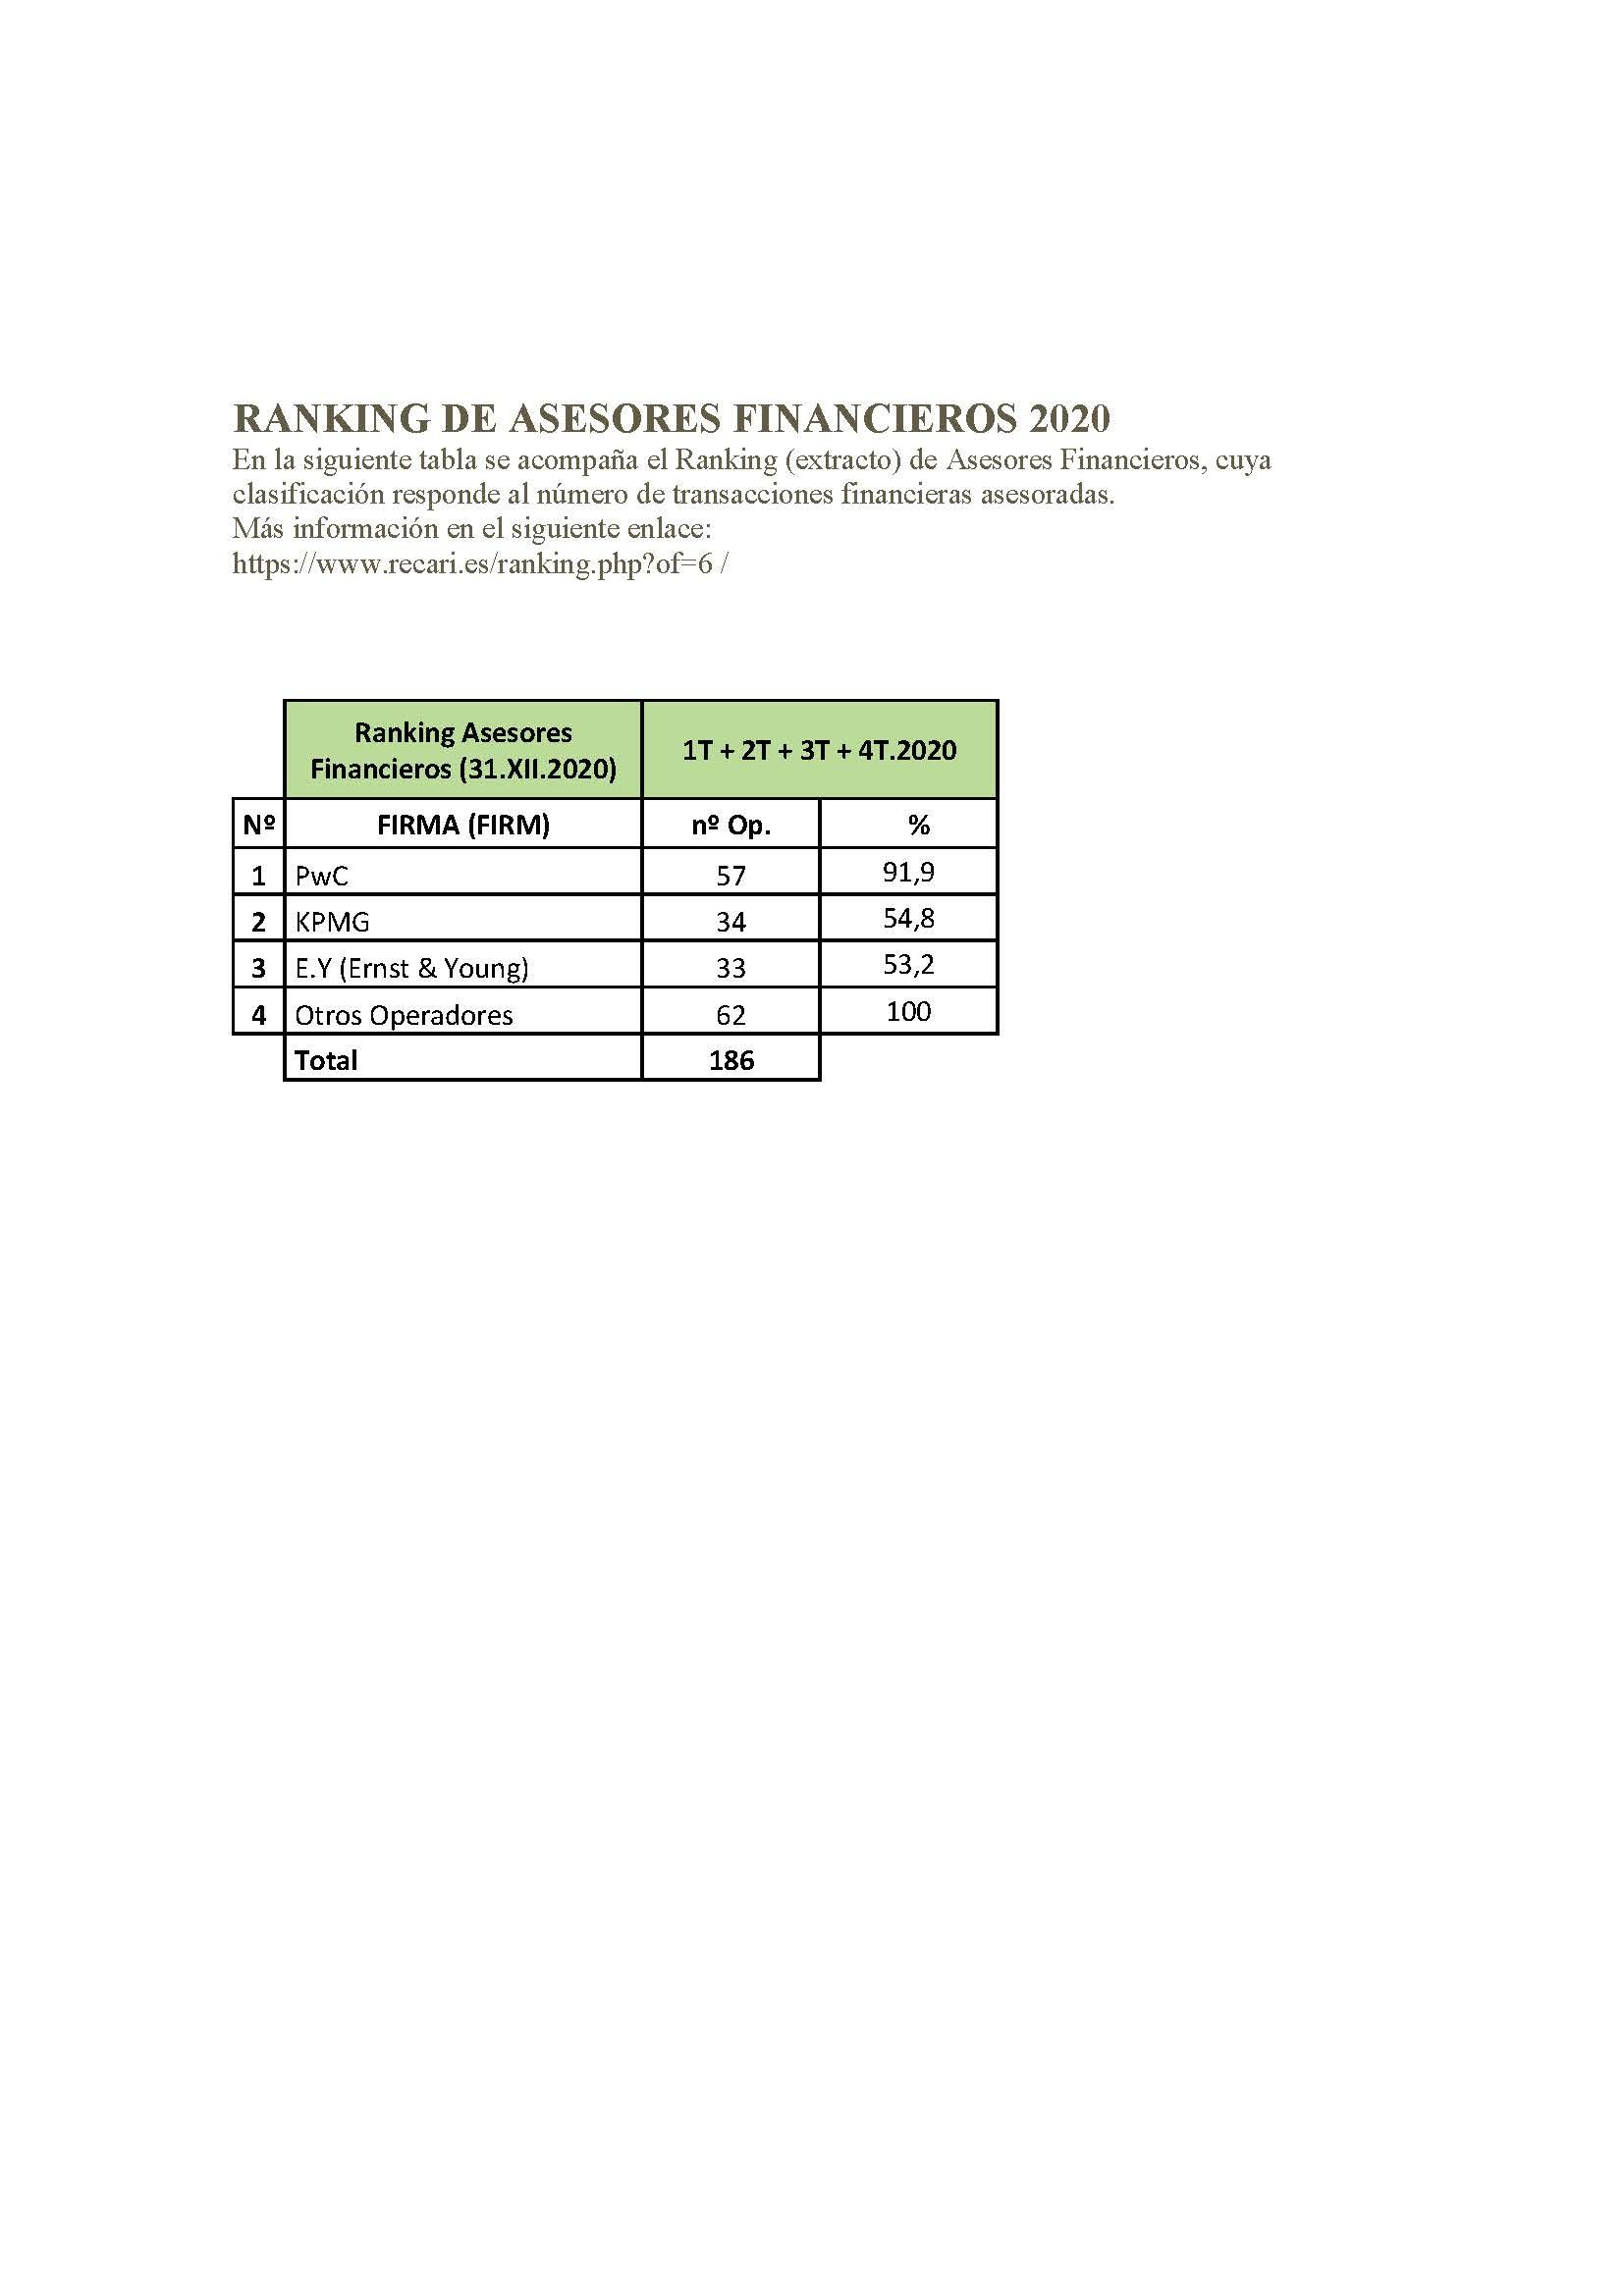 Ranking (extracto) de Asesores Financieros 2020